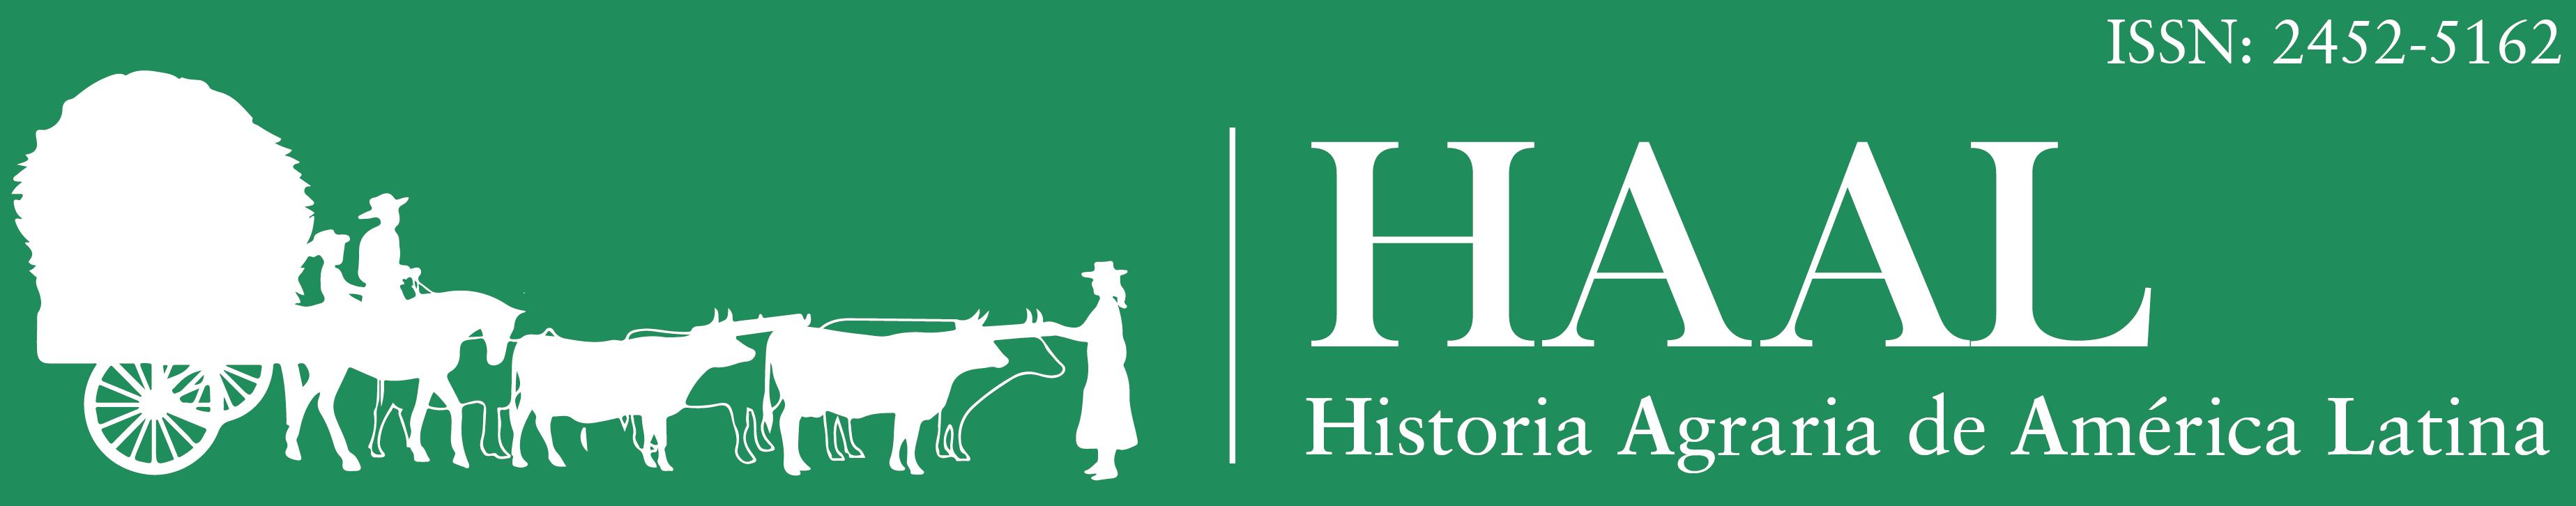 Revista Historia Agraria de América Latina